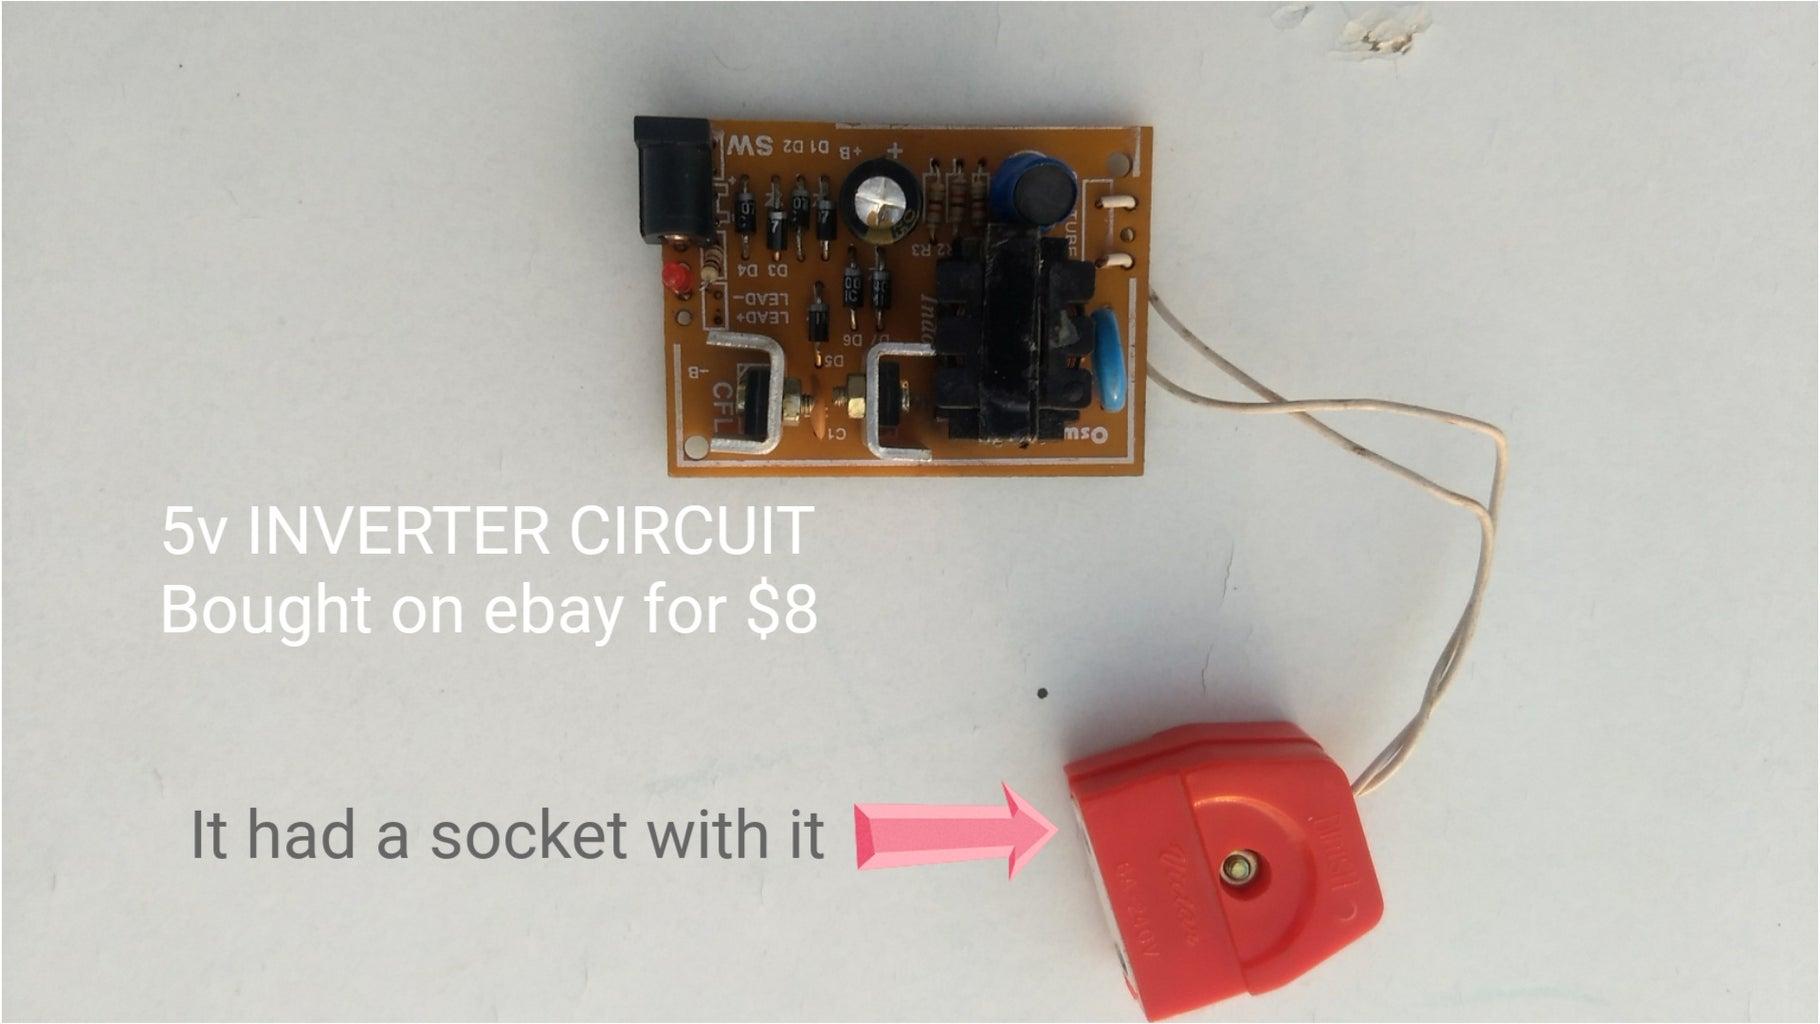 5v Inverter Circuit